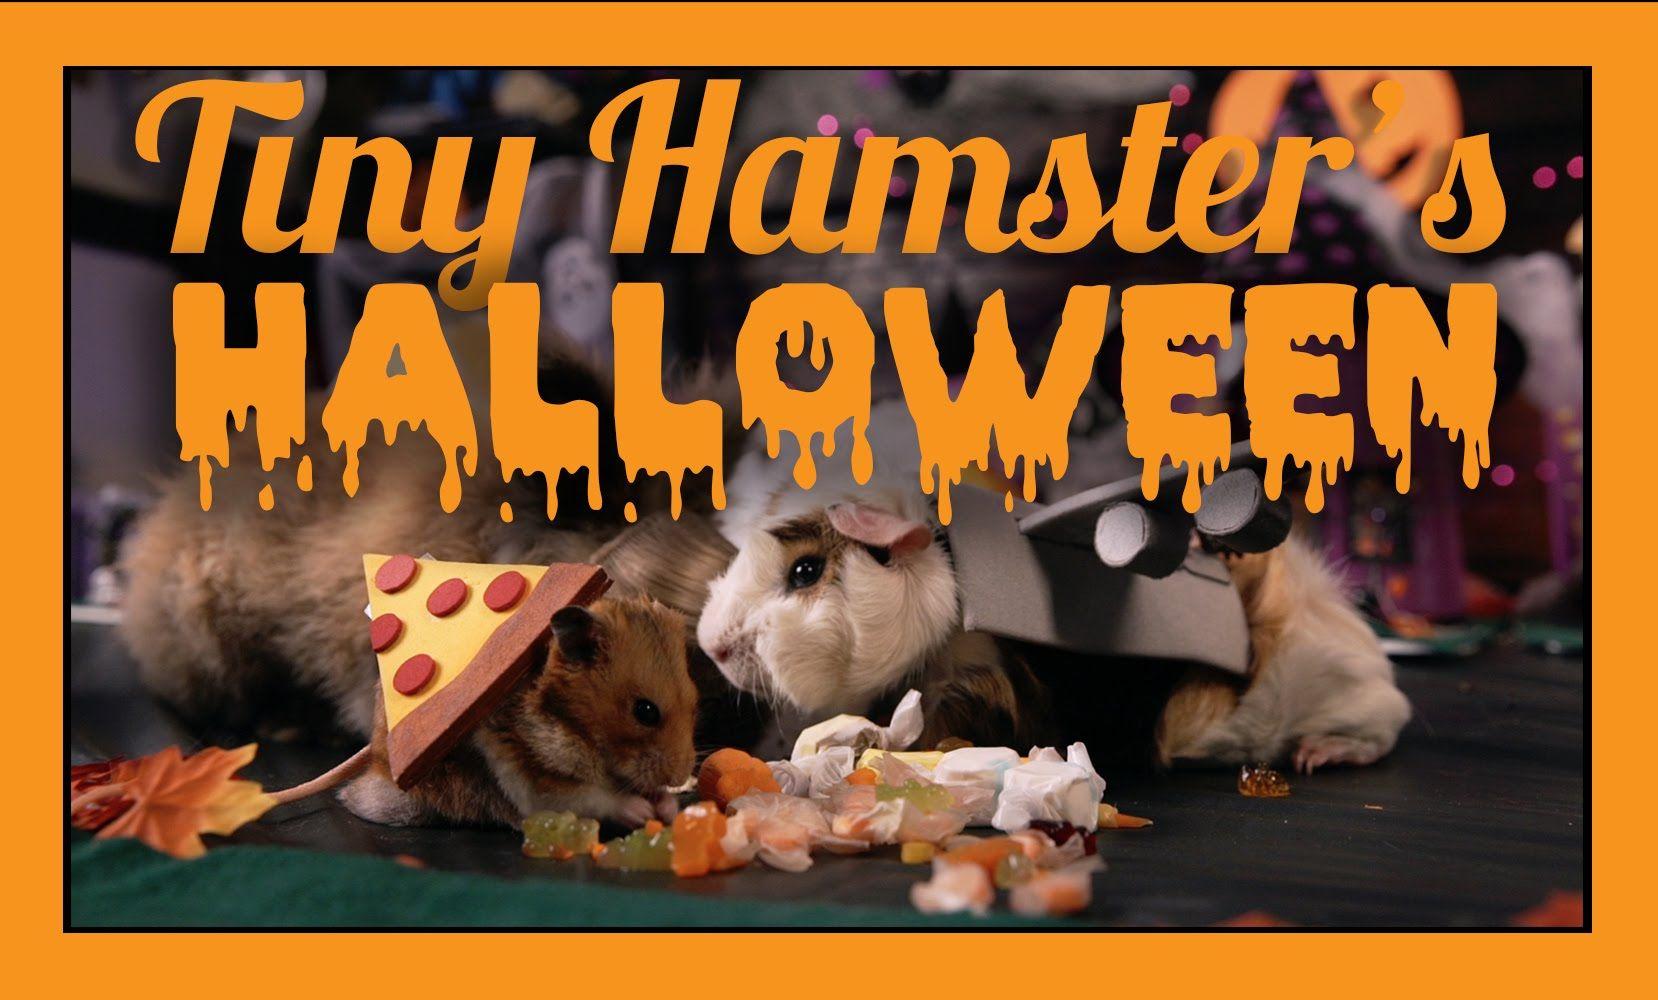 Den kleinen Hamster hatten wir schön öfters hier zu Gast, zum ...